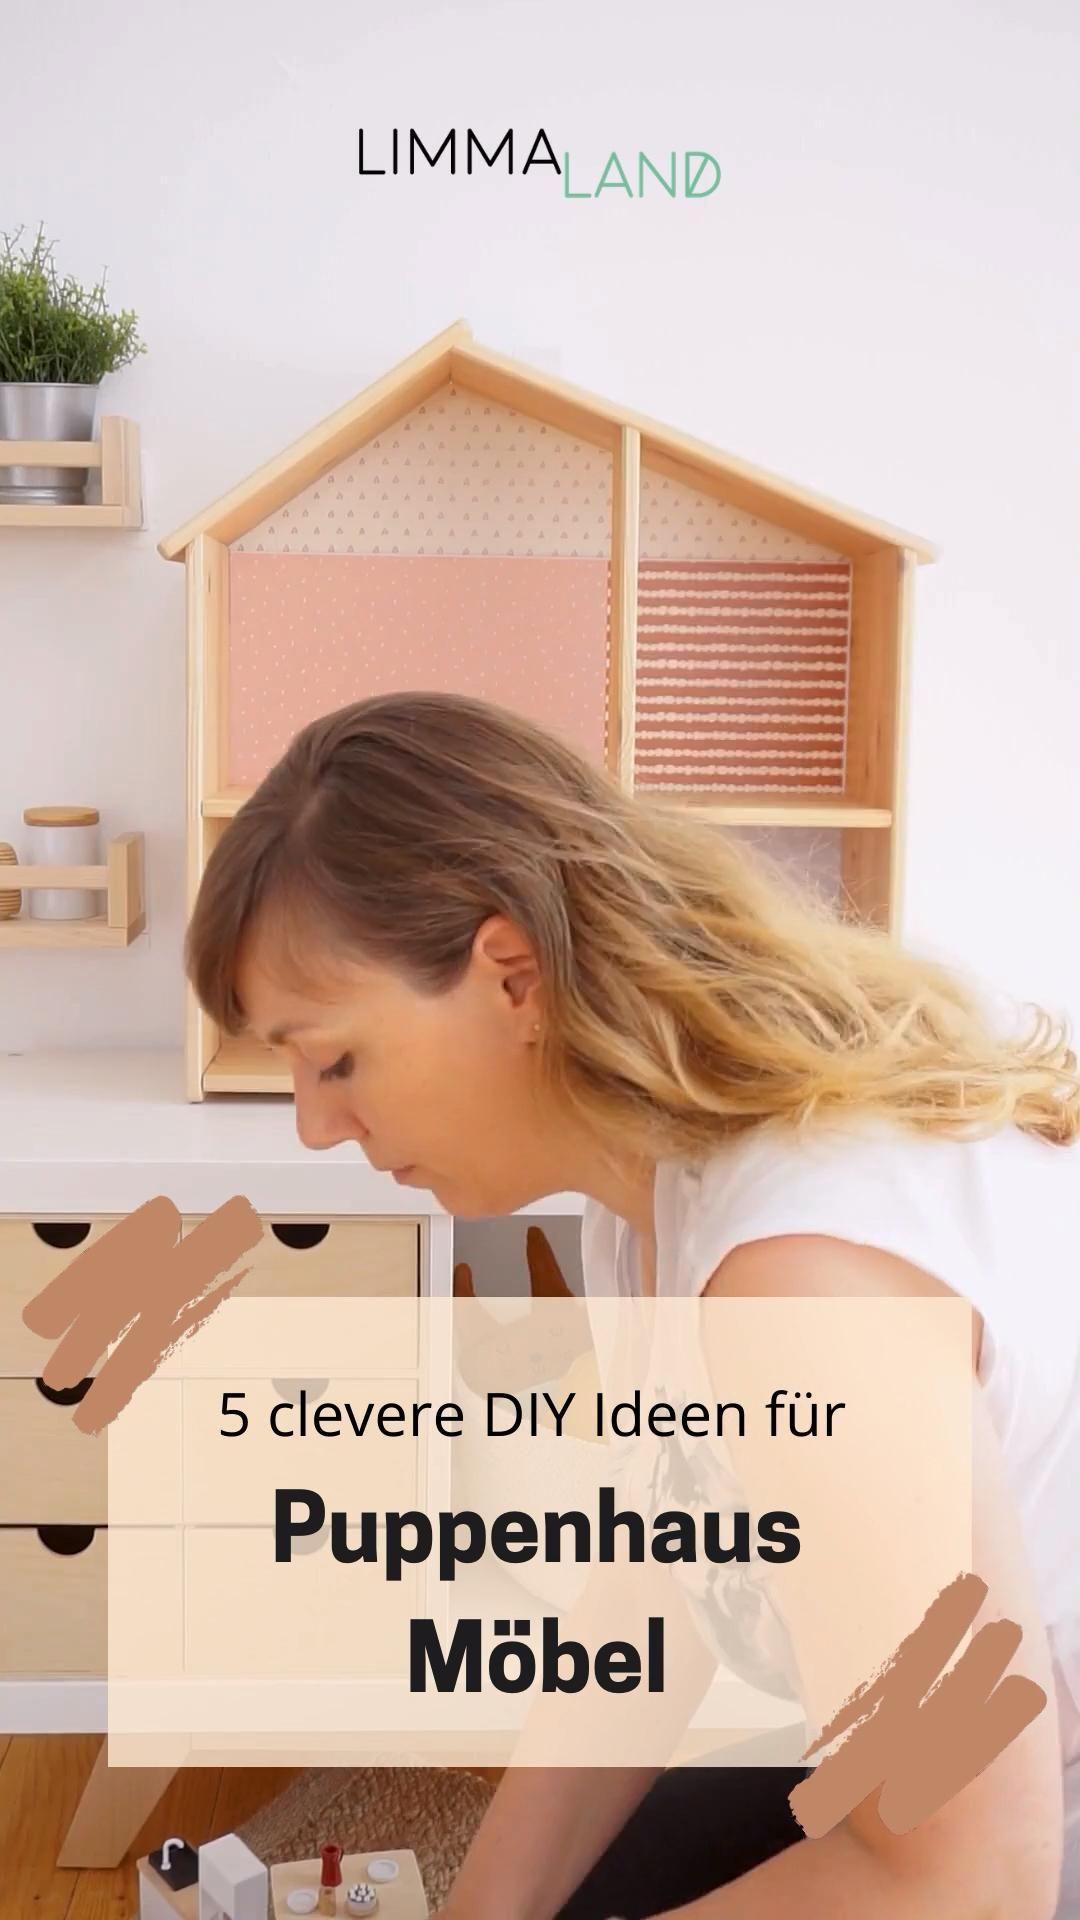 Puppenhausmöbel selber machen. 5 DIY Ideen für Puppenhäuser. IKEA FLISAT Puppenhaus.